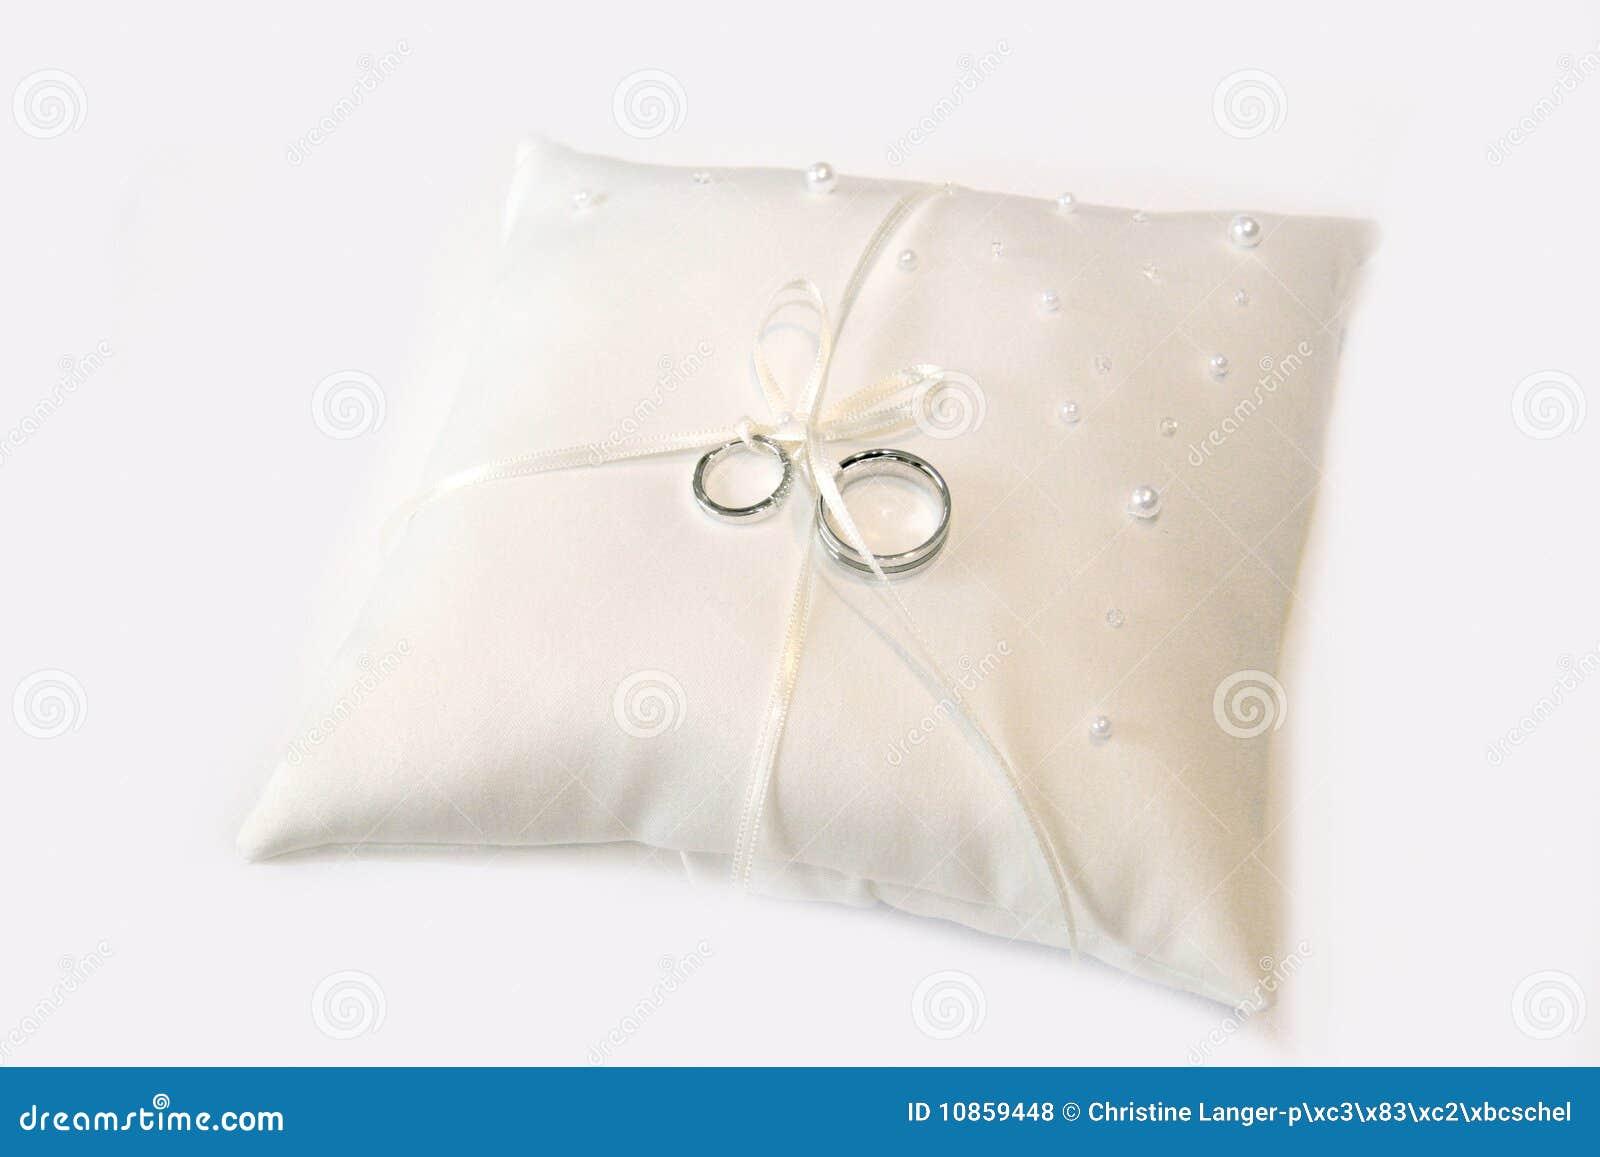 Hochzeitsringe Auf Einem Kissen Stockfoto Bild Von Romantisch